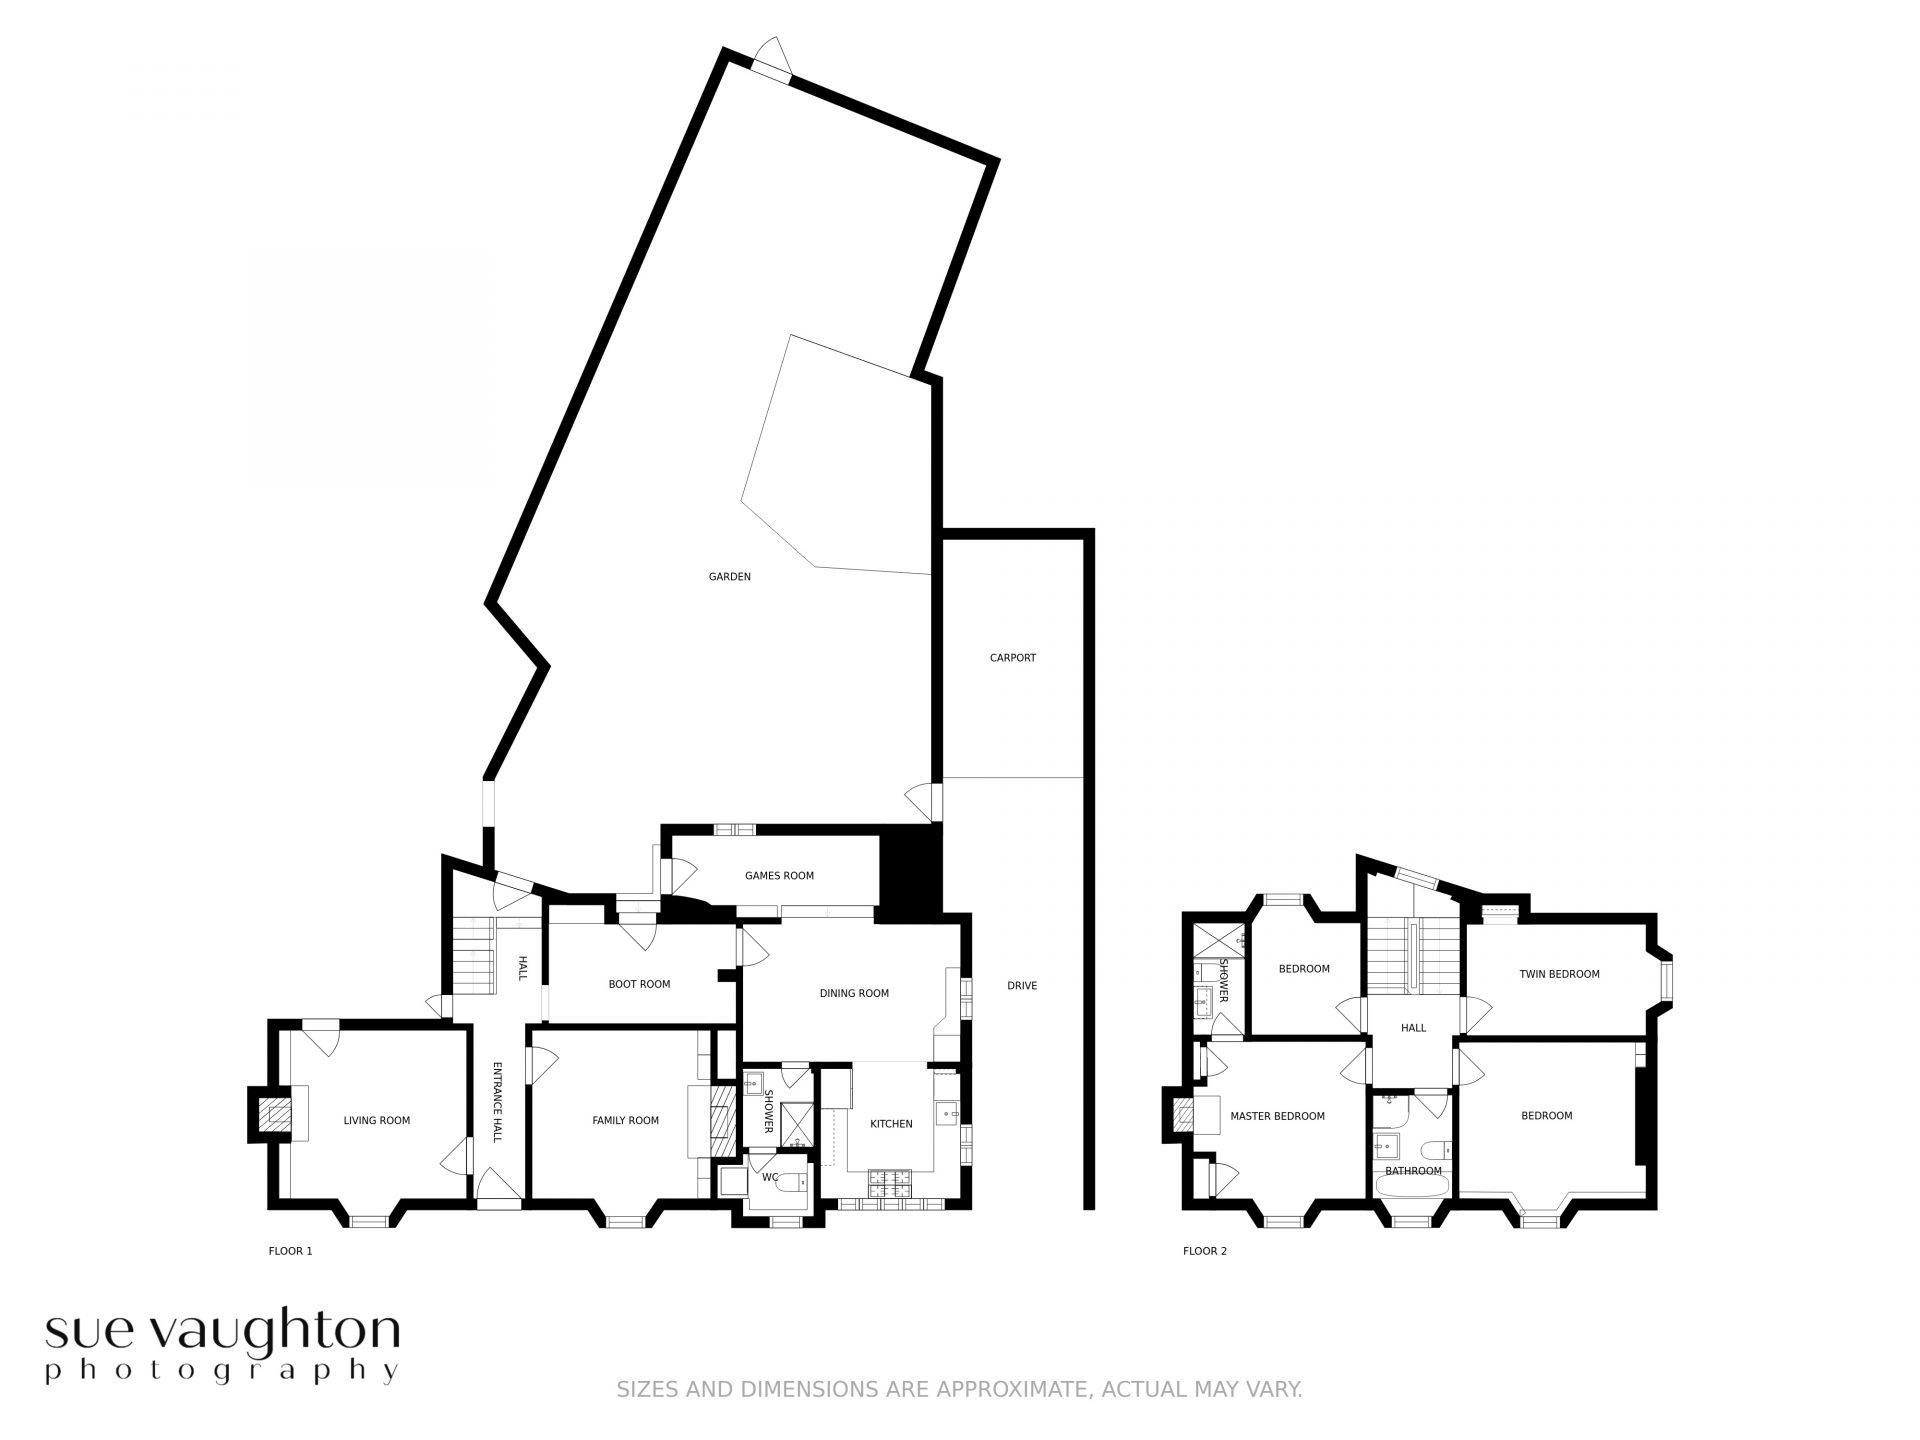 St Maur Cottage floor plan